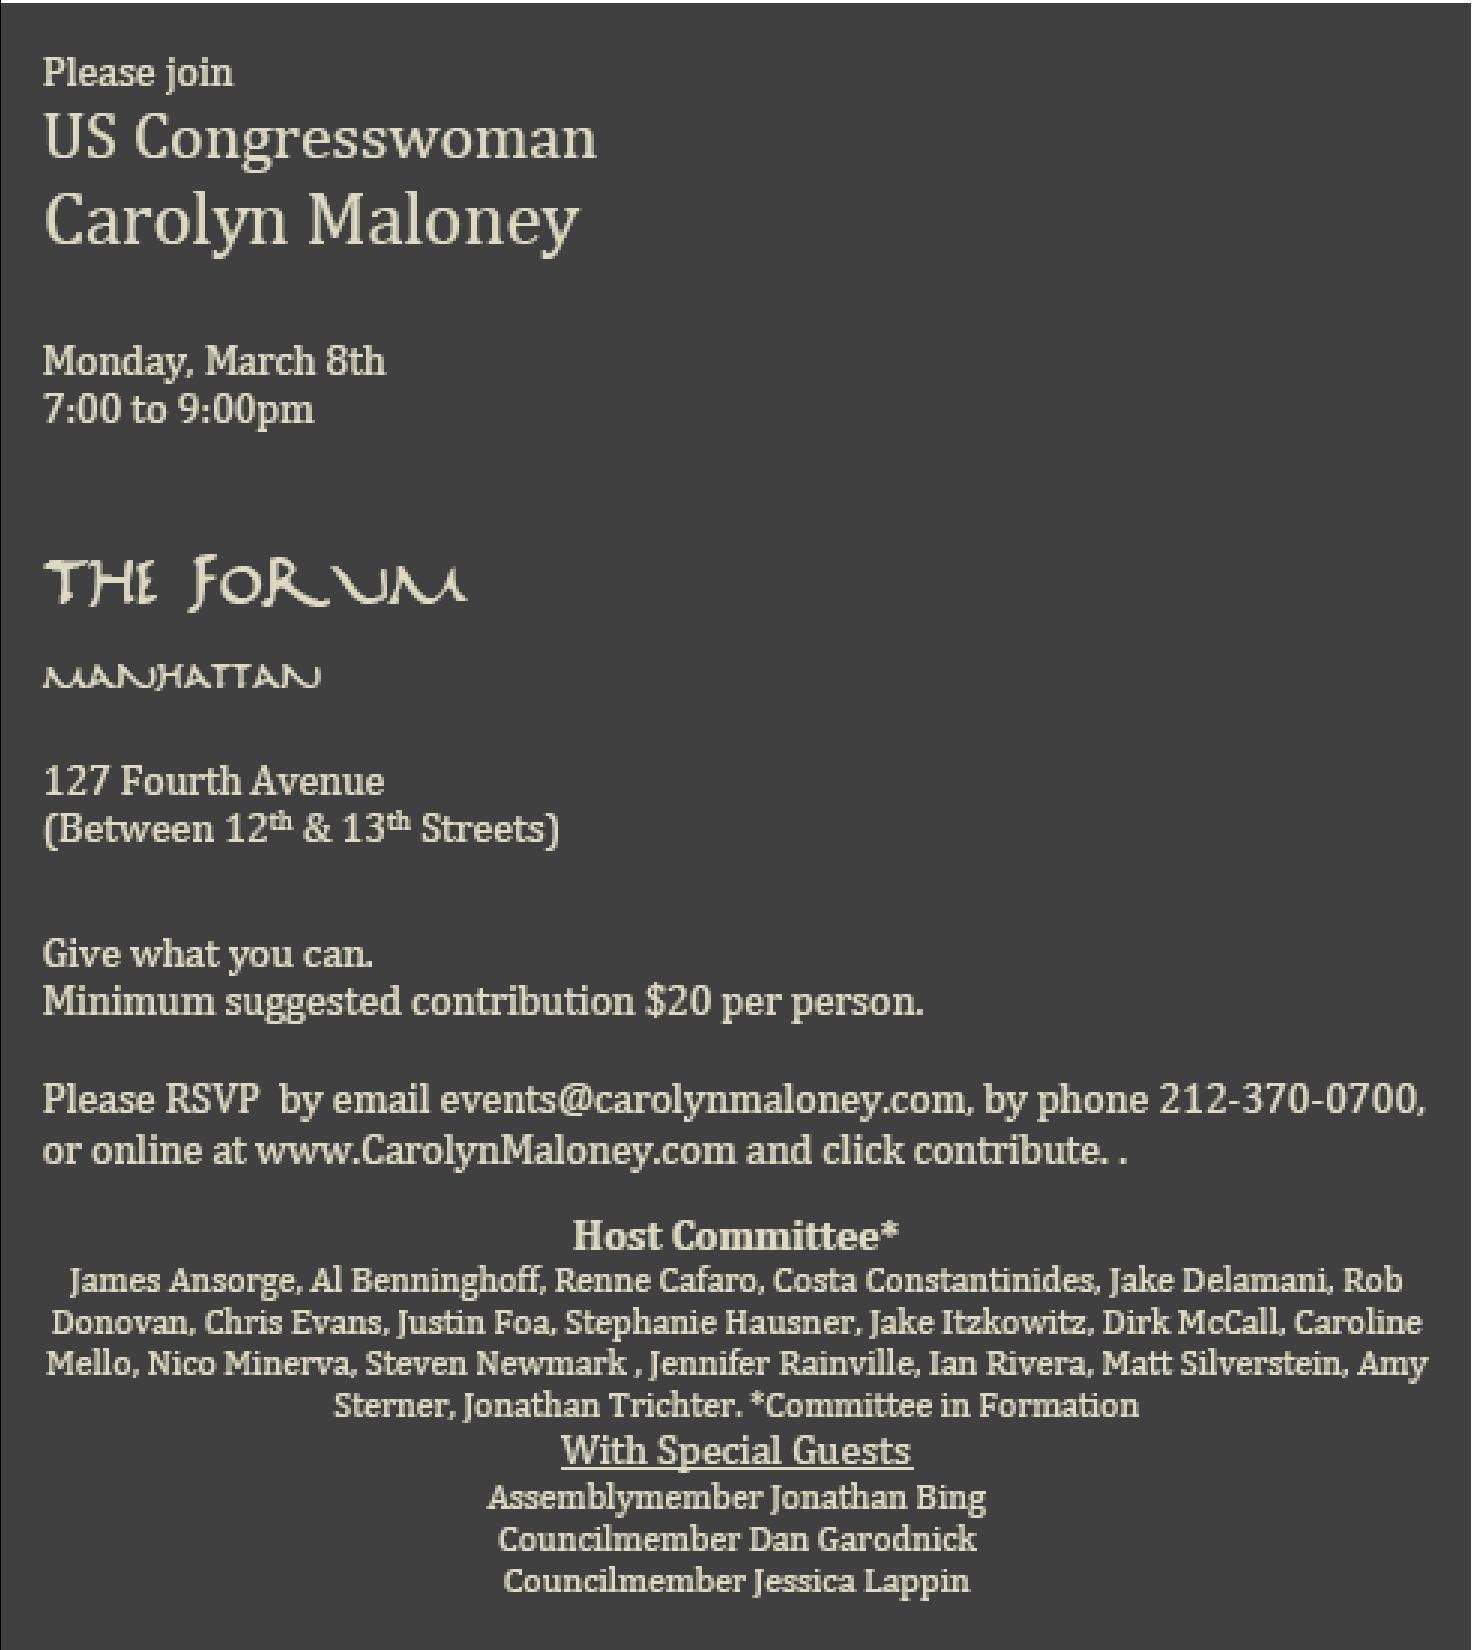 Maloney Invite, March 8th